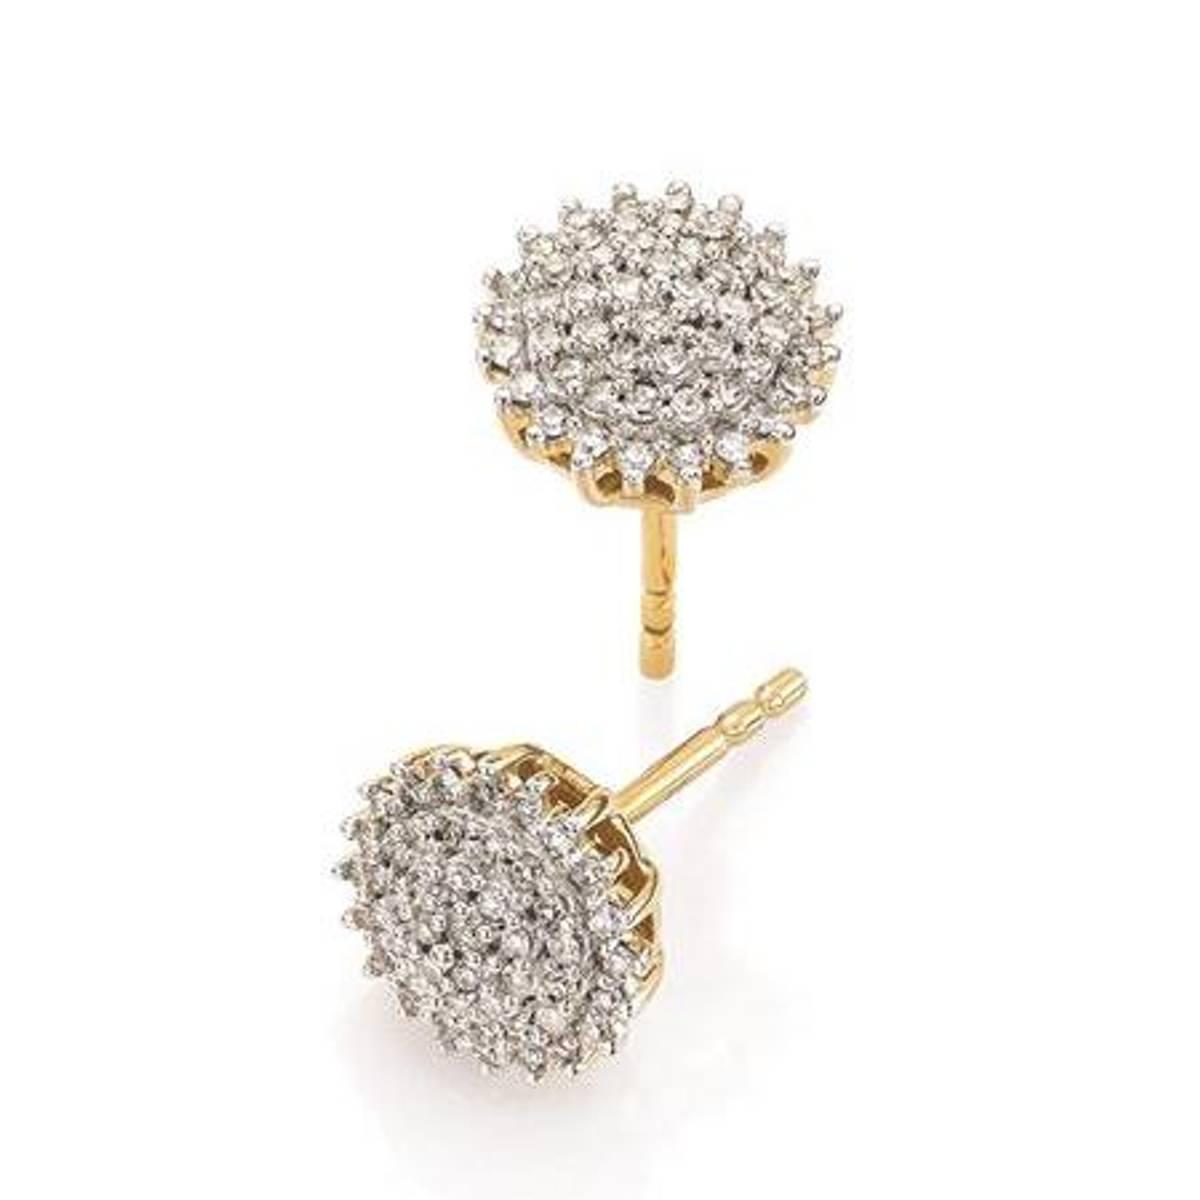 GD 100 Grace Ørepynt i gull med diamanter 0,25ct W/SI